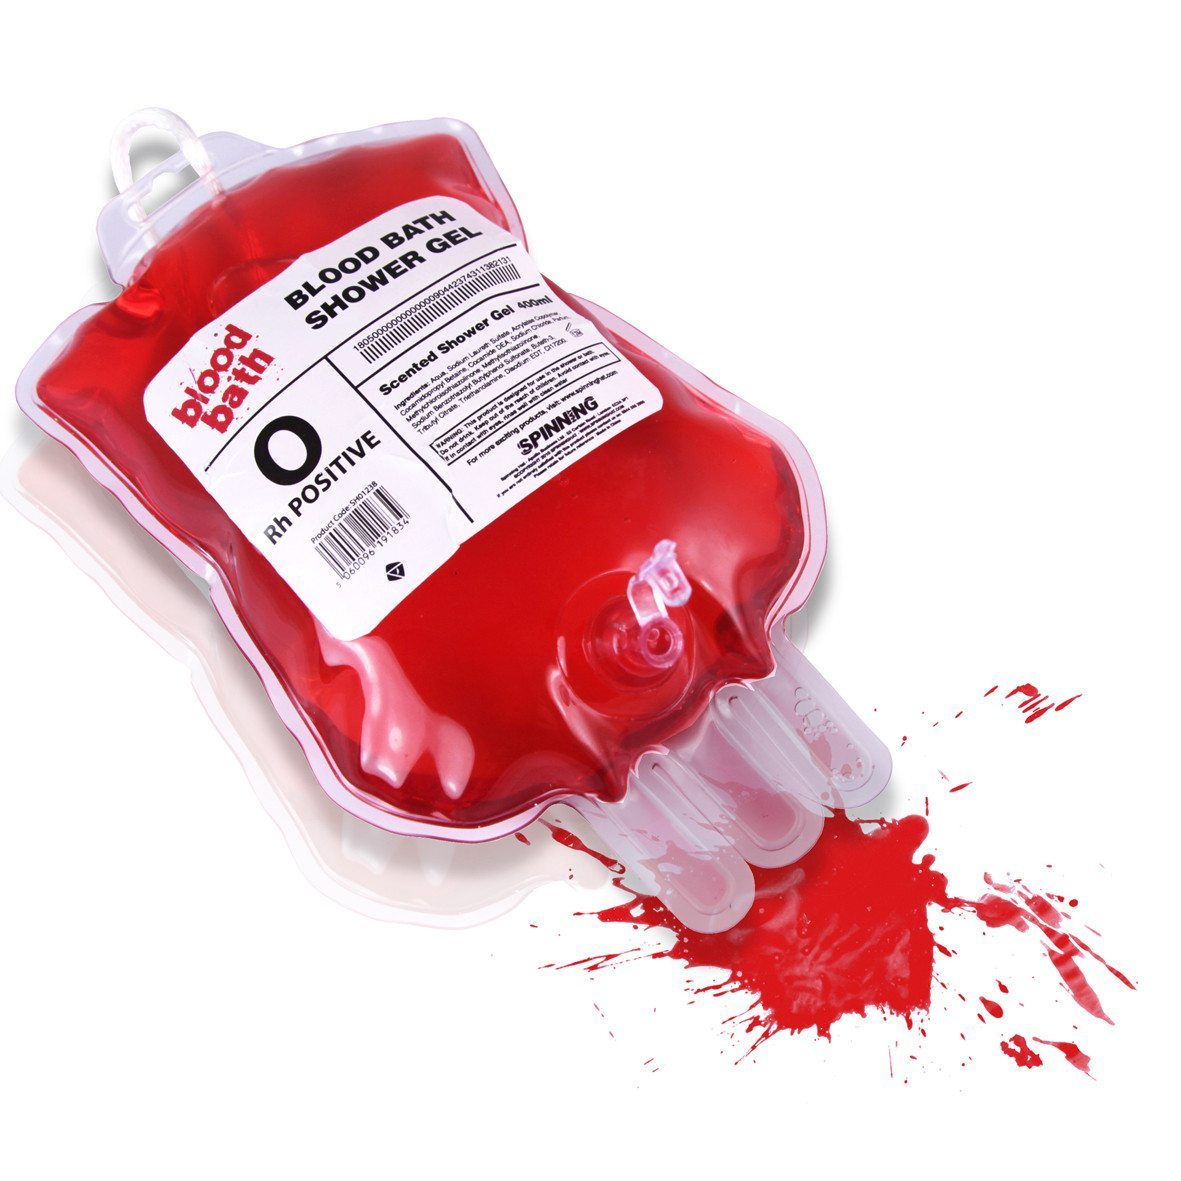 Duschgel Blutkonserve